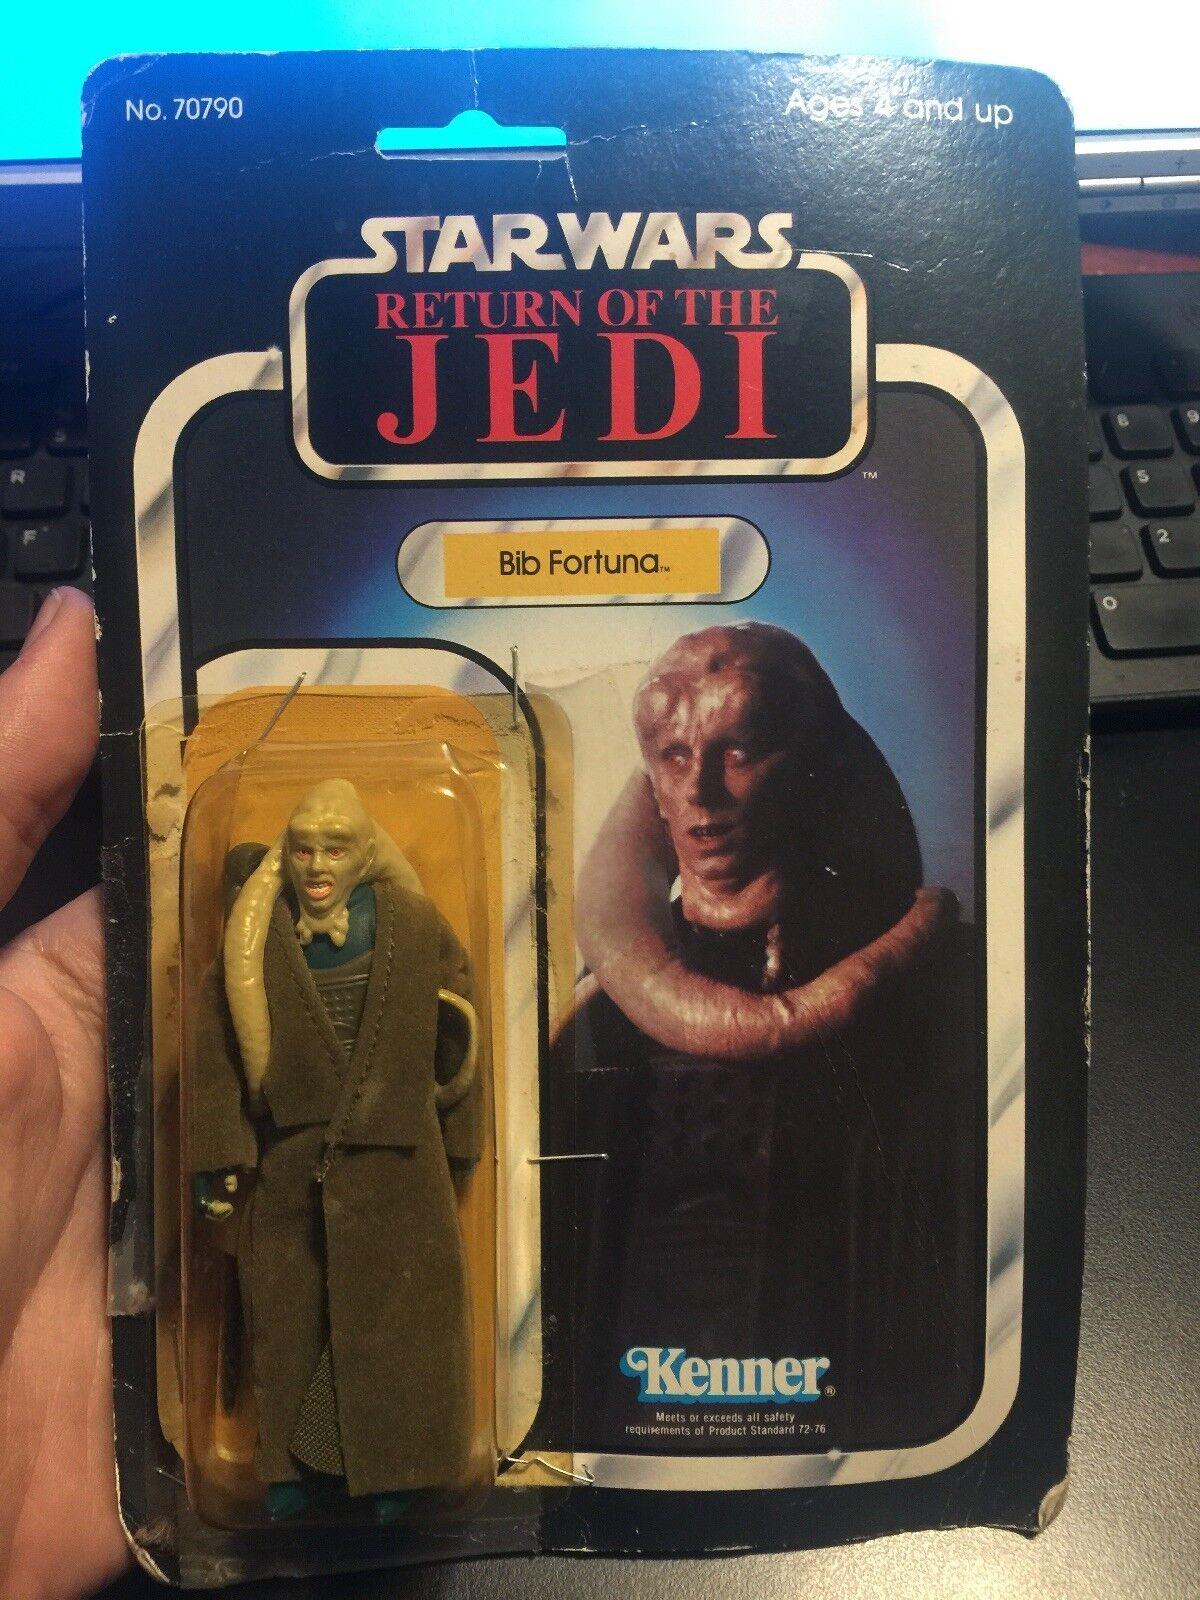 Star Wars Return Of The Jedi 1983 Kenner              BIB FORTUNA